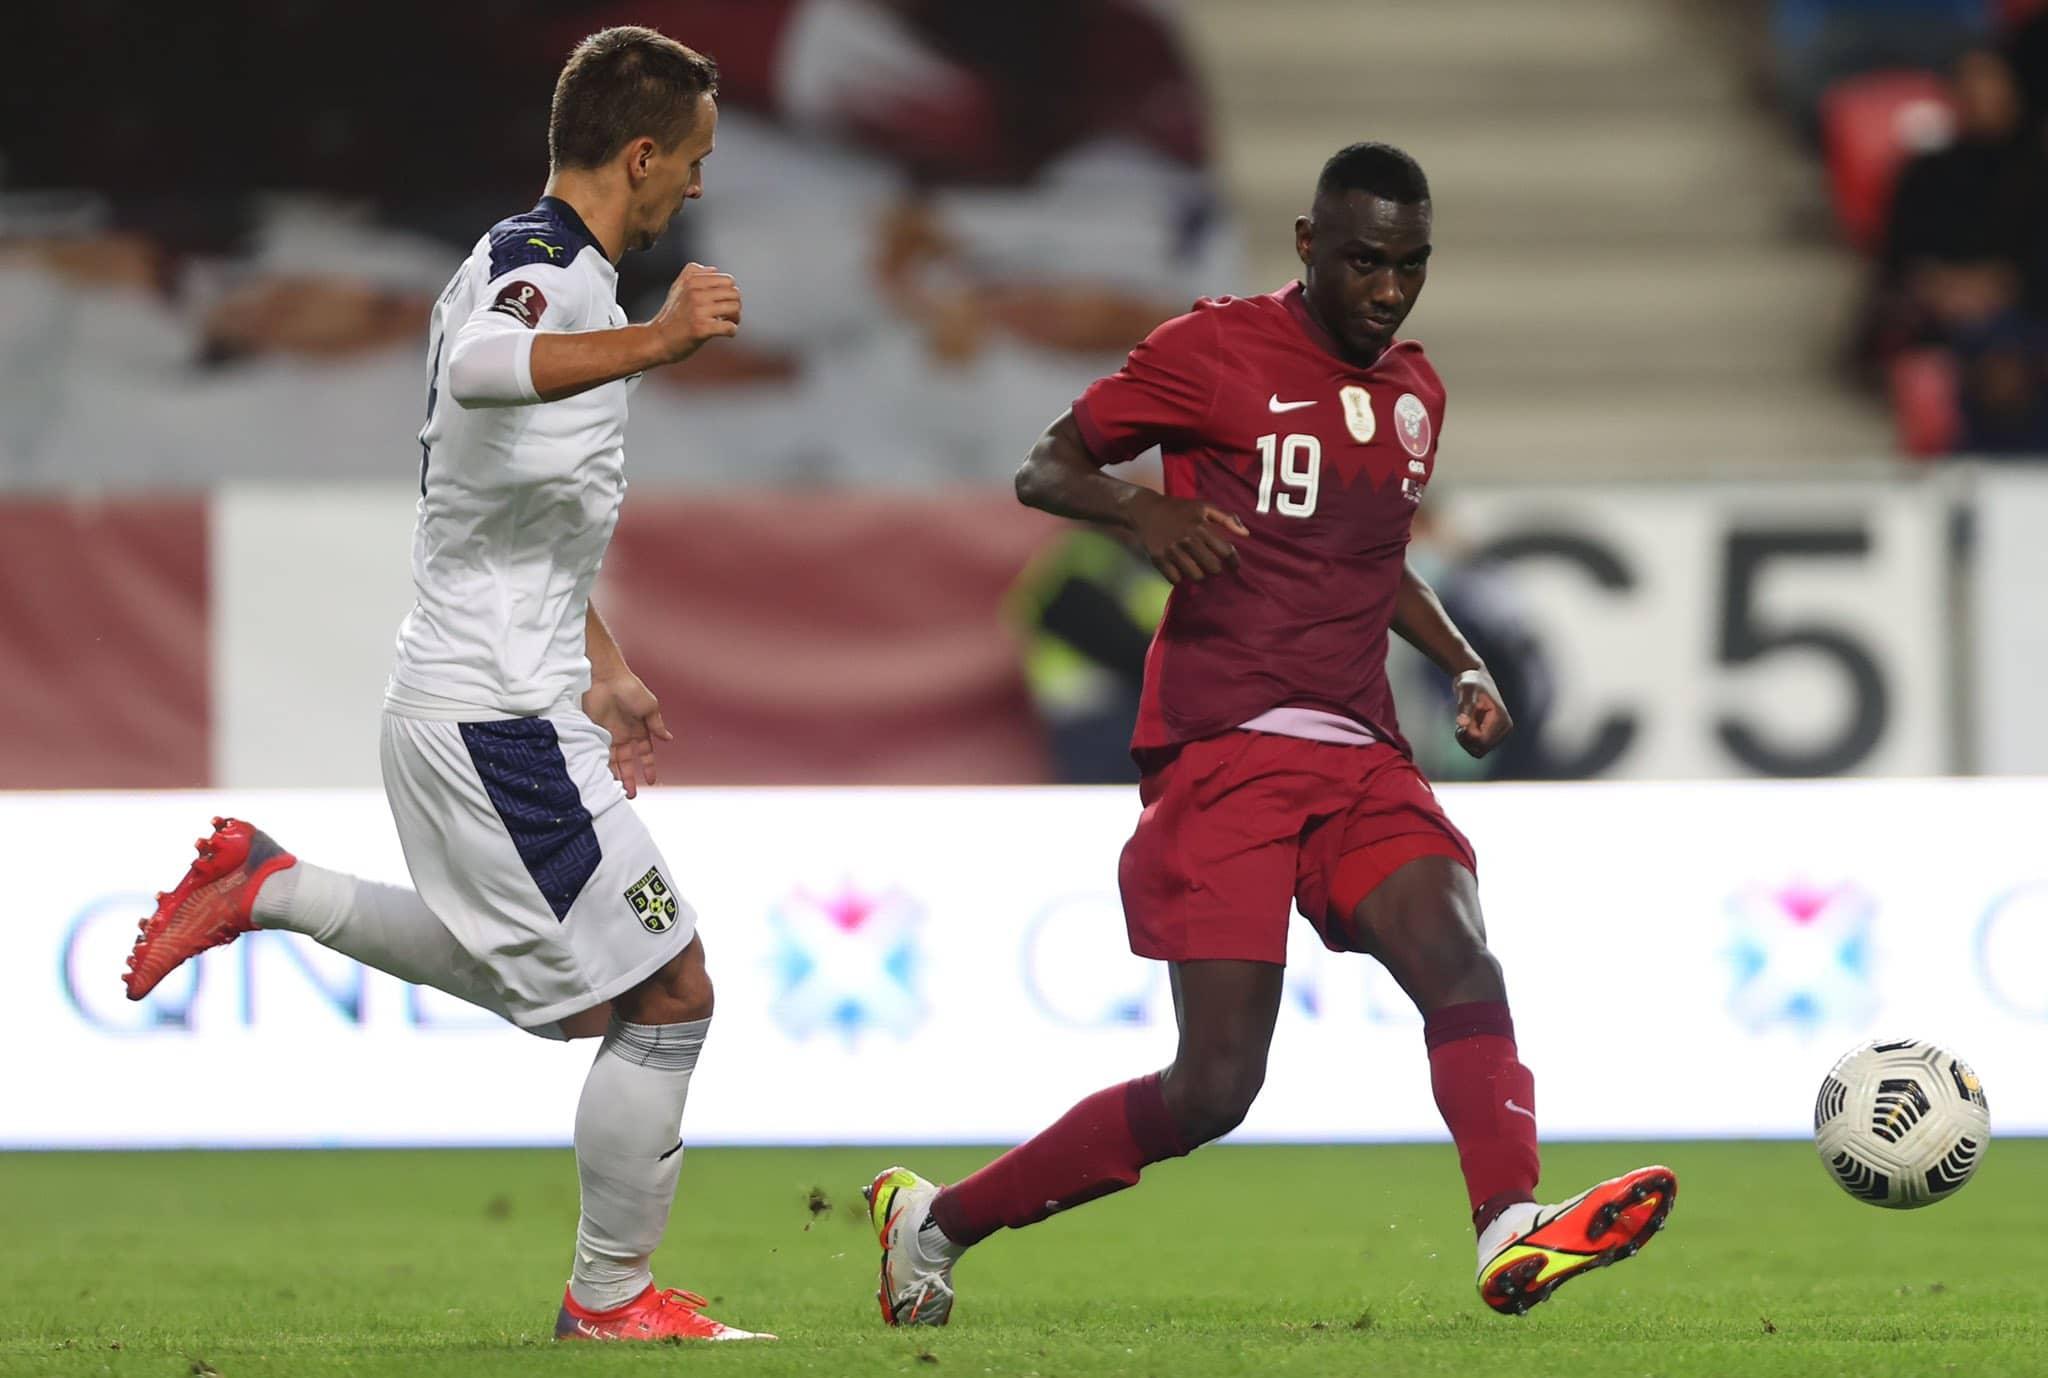 مباراة منتخب قطر وصربيا في تصفيات مونديال العالم 2022